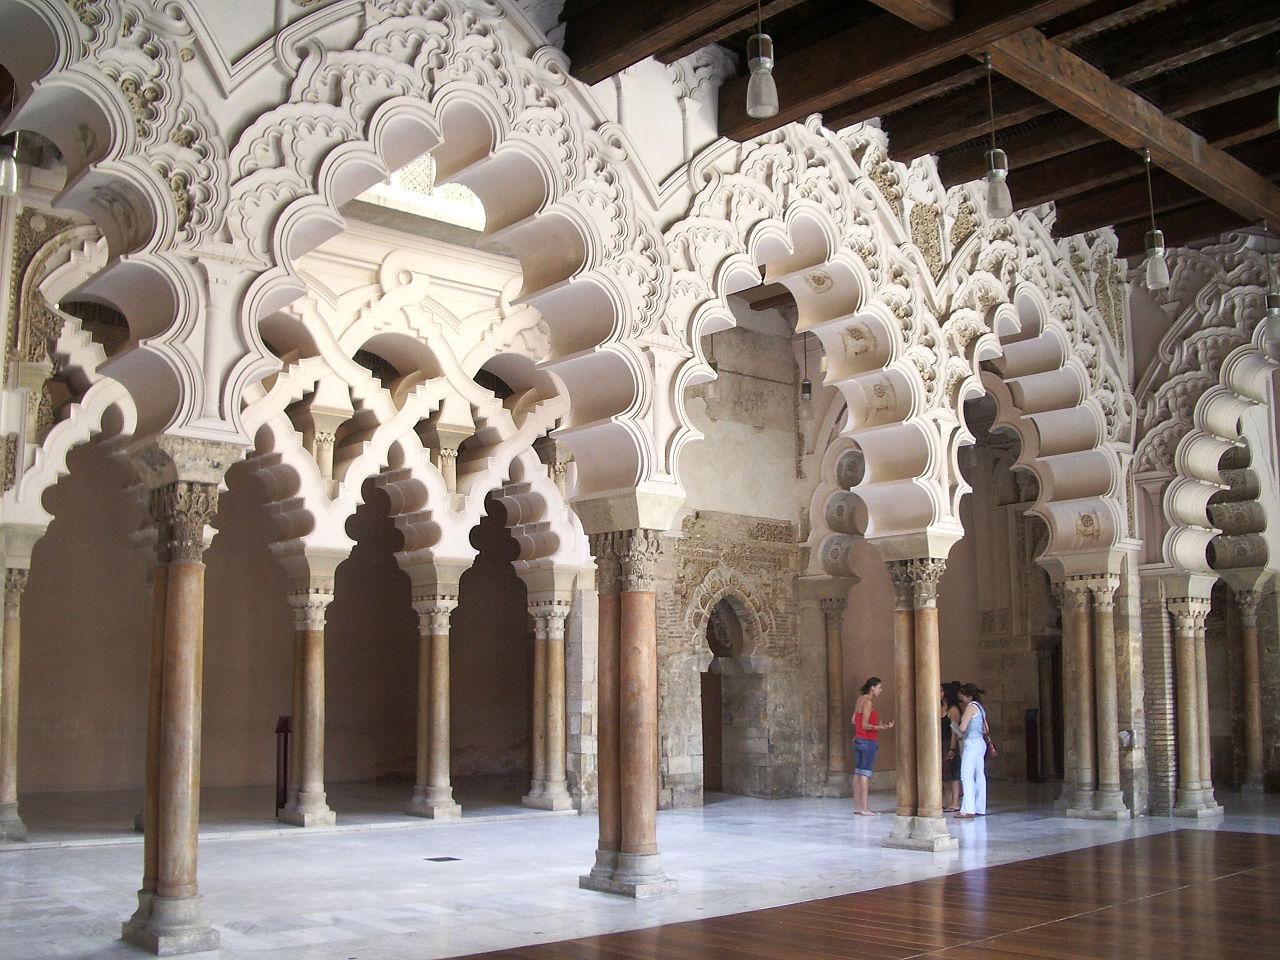 Альхаферия, арки в северной части дворца